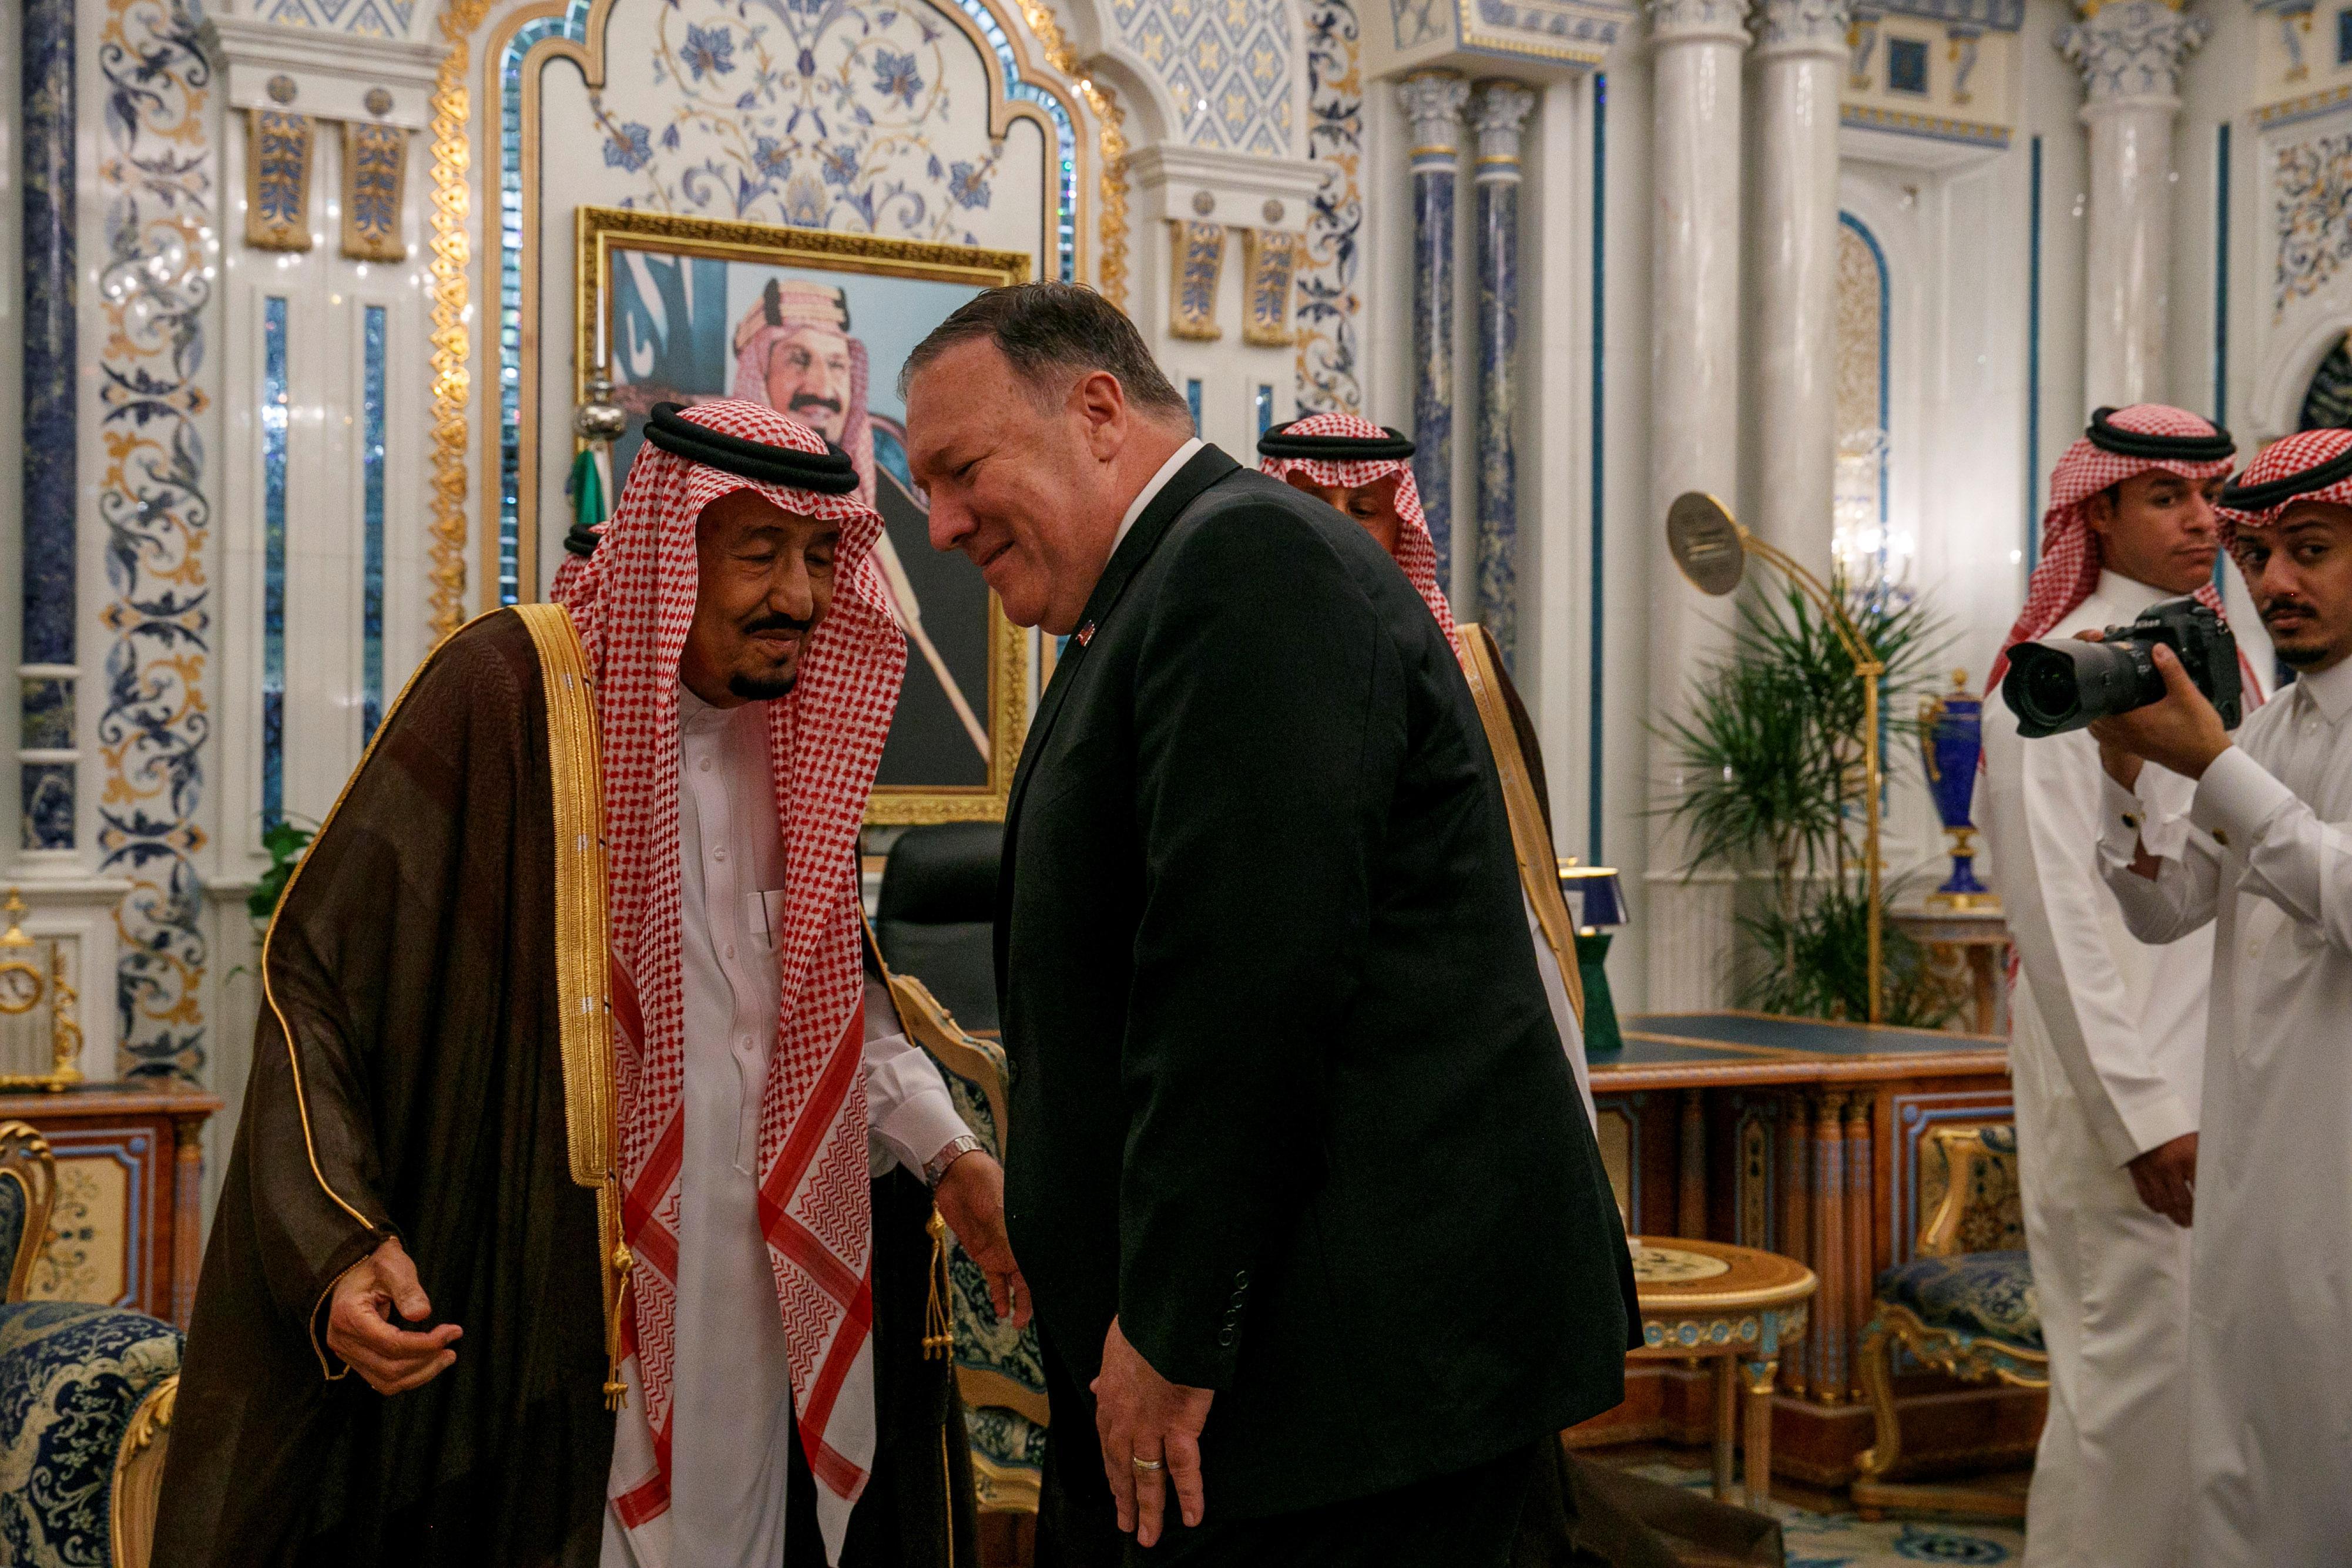 Pompeo discute de l'Iran avec ses alliés du Golfe face à l'escalade de la crise